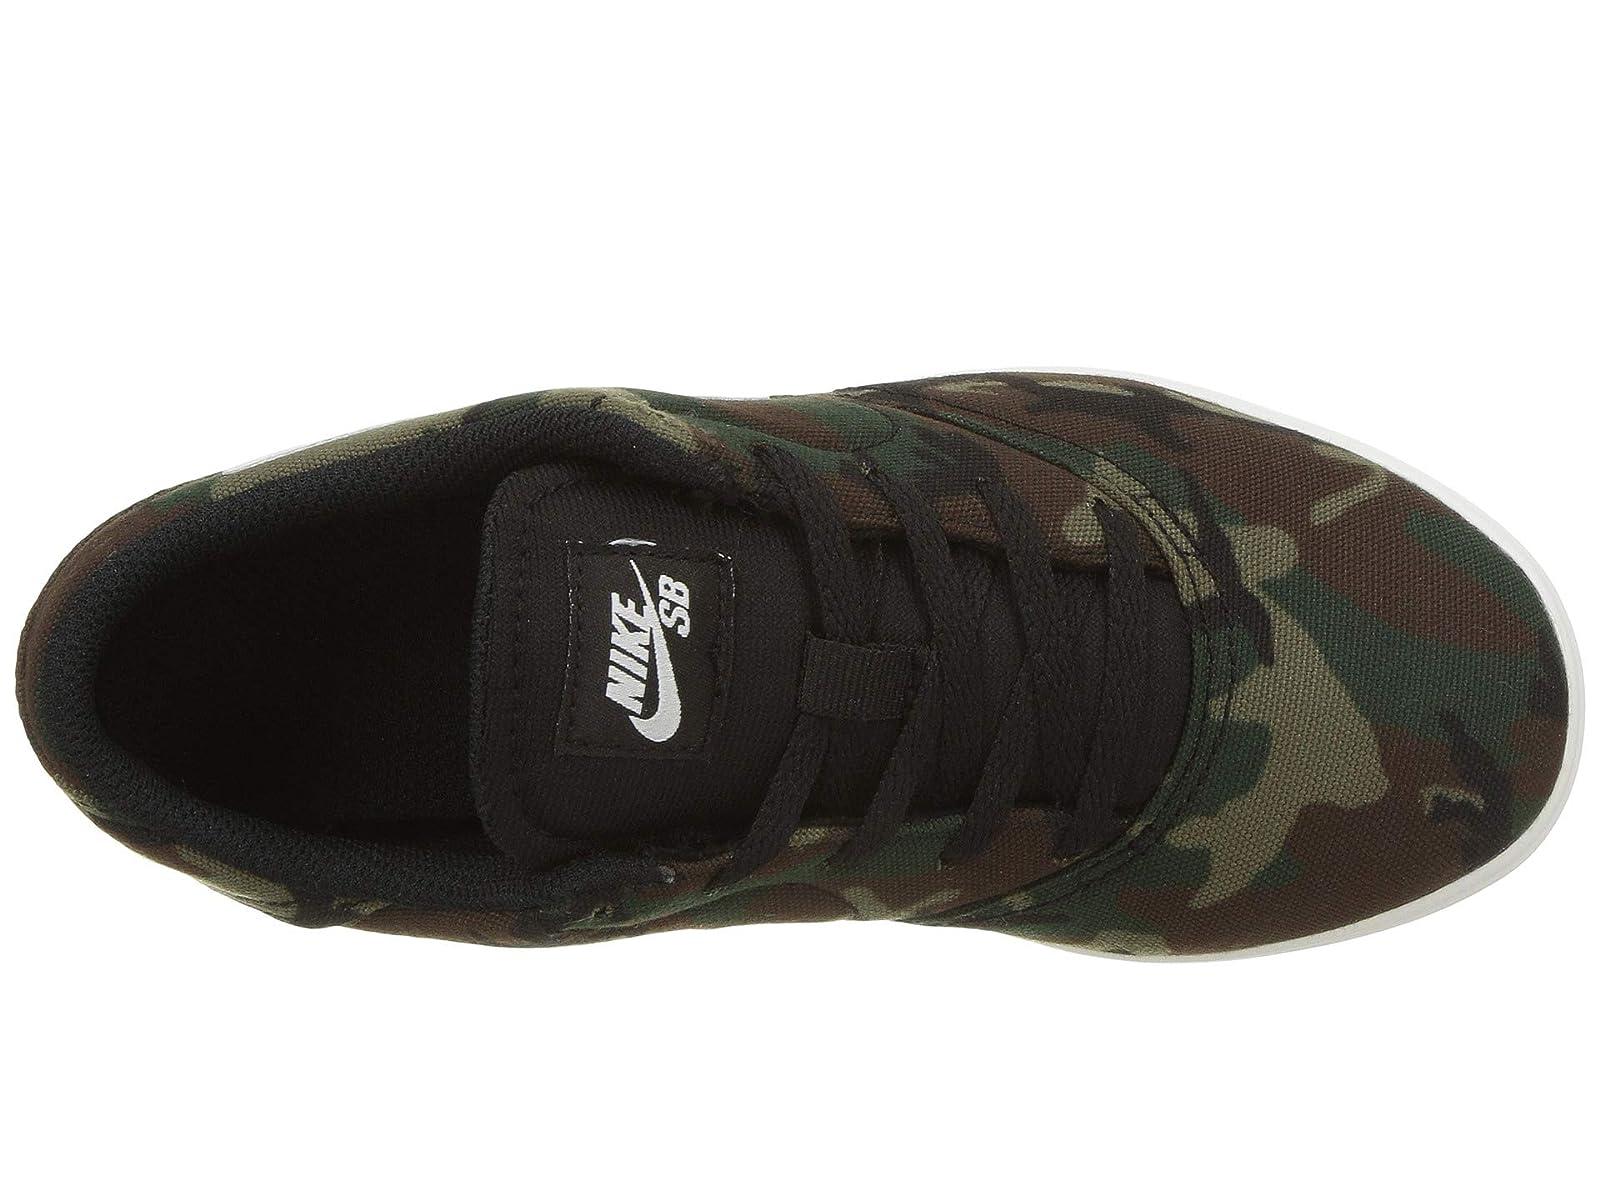 Nike SB Kids Check Premium Premium Premium (Little Kid) 285813